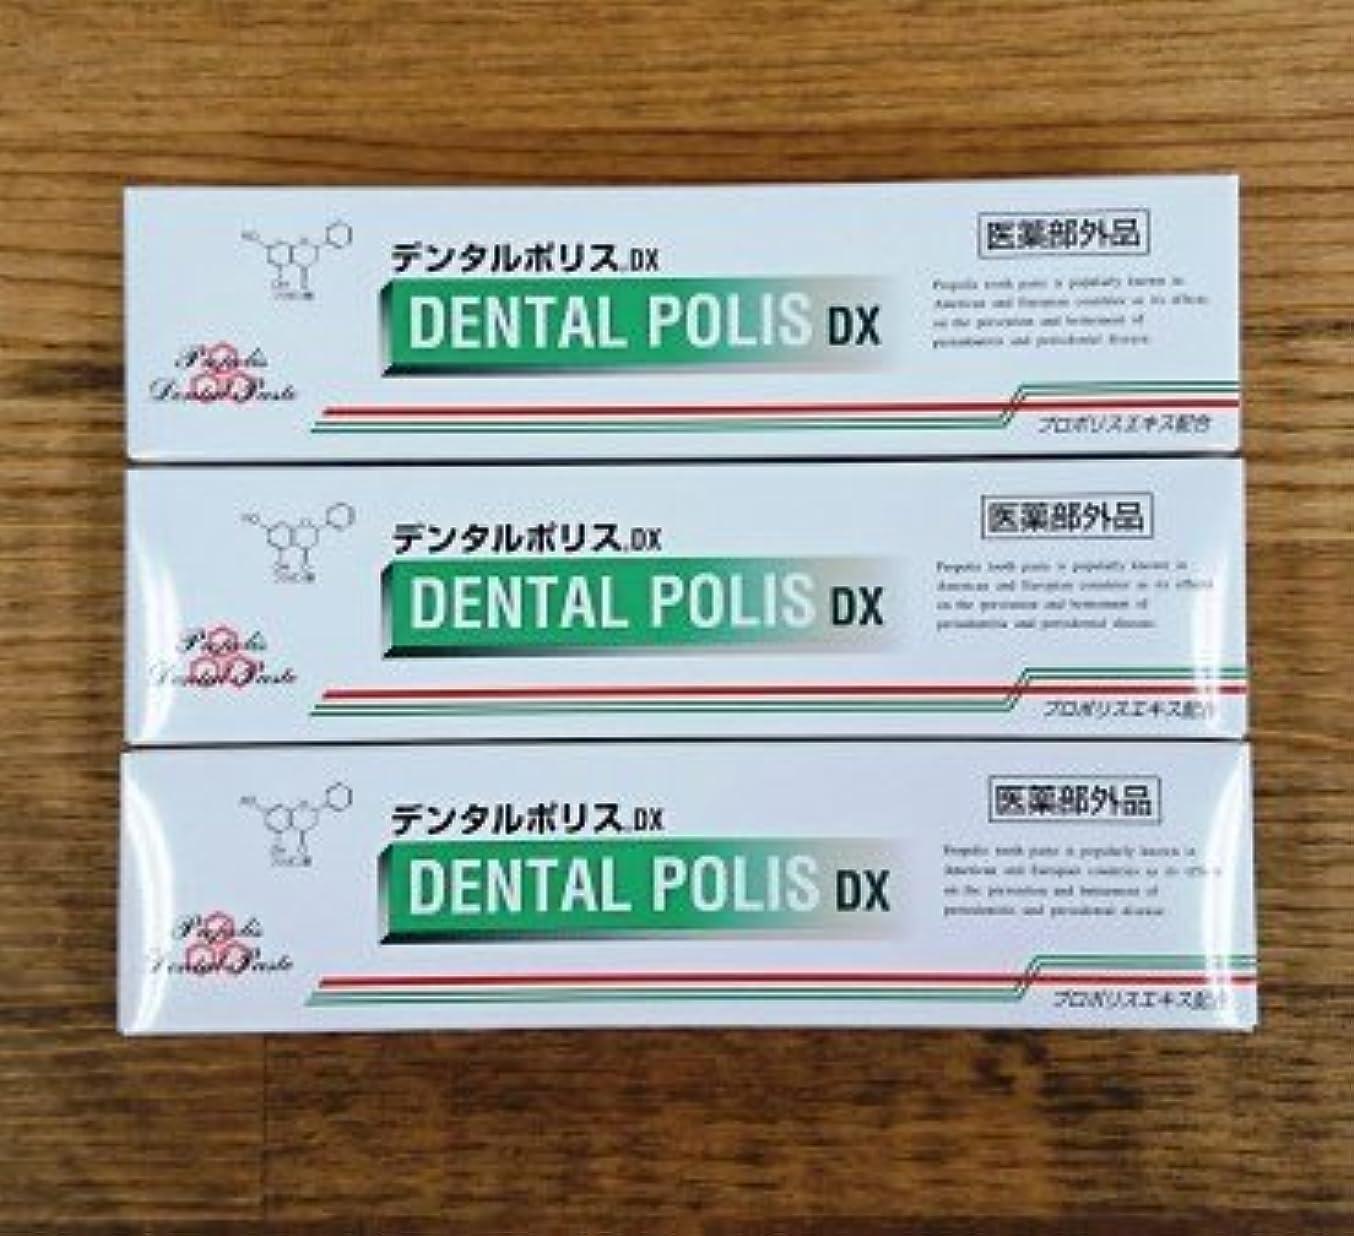 間違っている適切なコードレスデンタルポリスDX80g×3本セット 医薬部外品  歯みがき